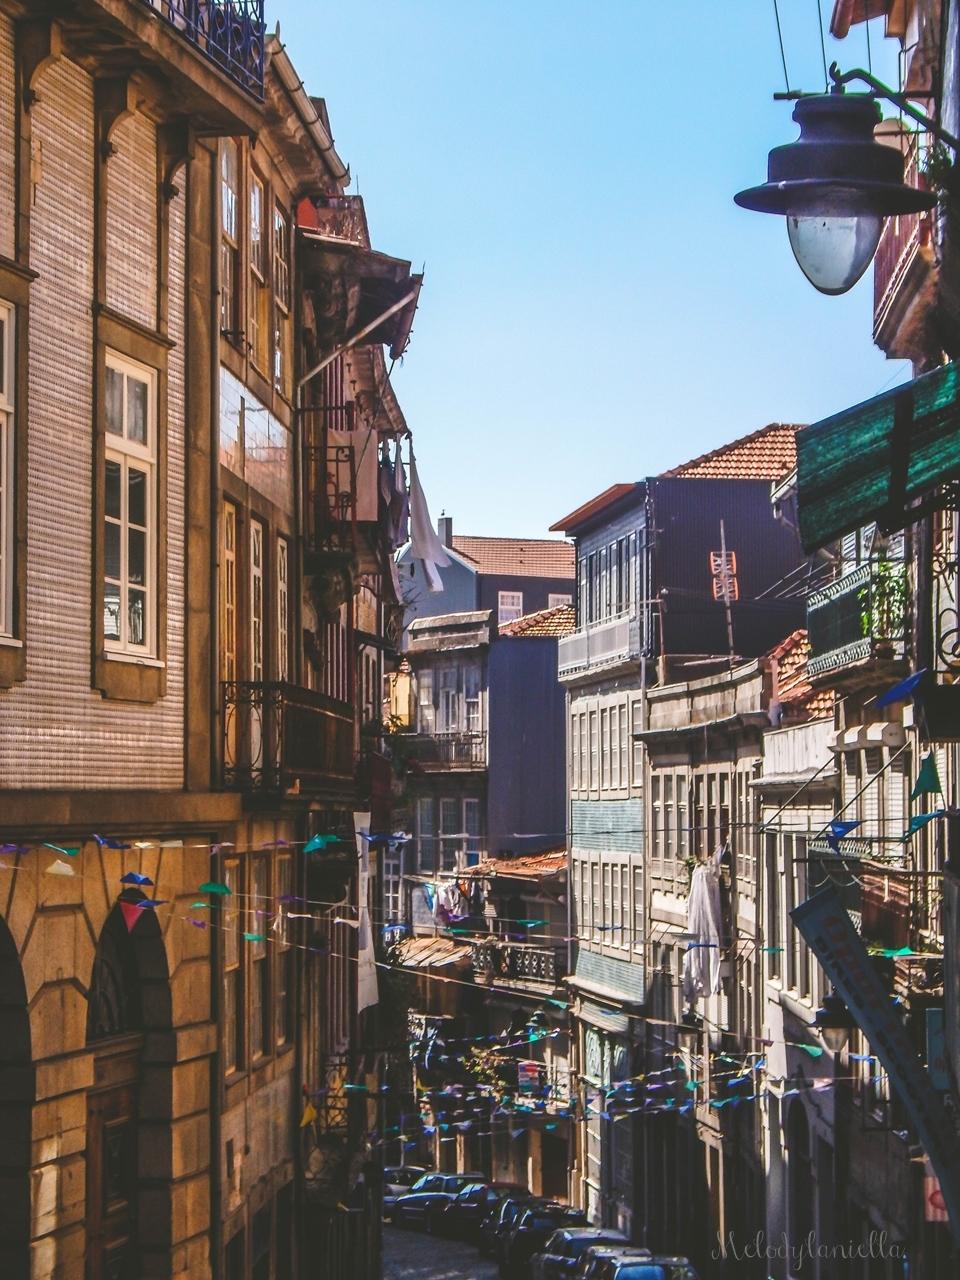 15 uliczki2-2  co zobaczyć w Porto w portugalii ciekawe miejsca musisz zobaczyć top miejsc w porto zabytki piękne uliczki miejsca godne zobaczenia blog podróżniczy portugalia melodylaniella